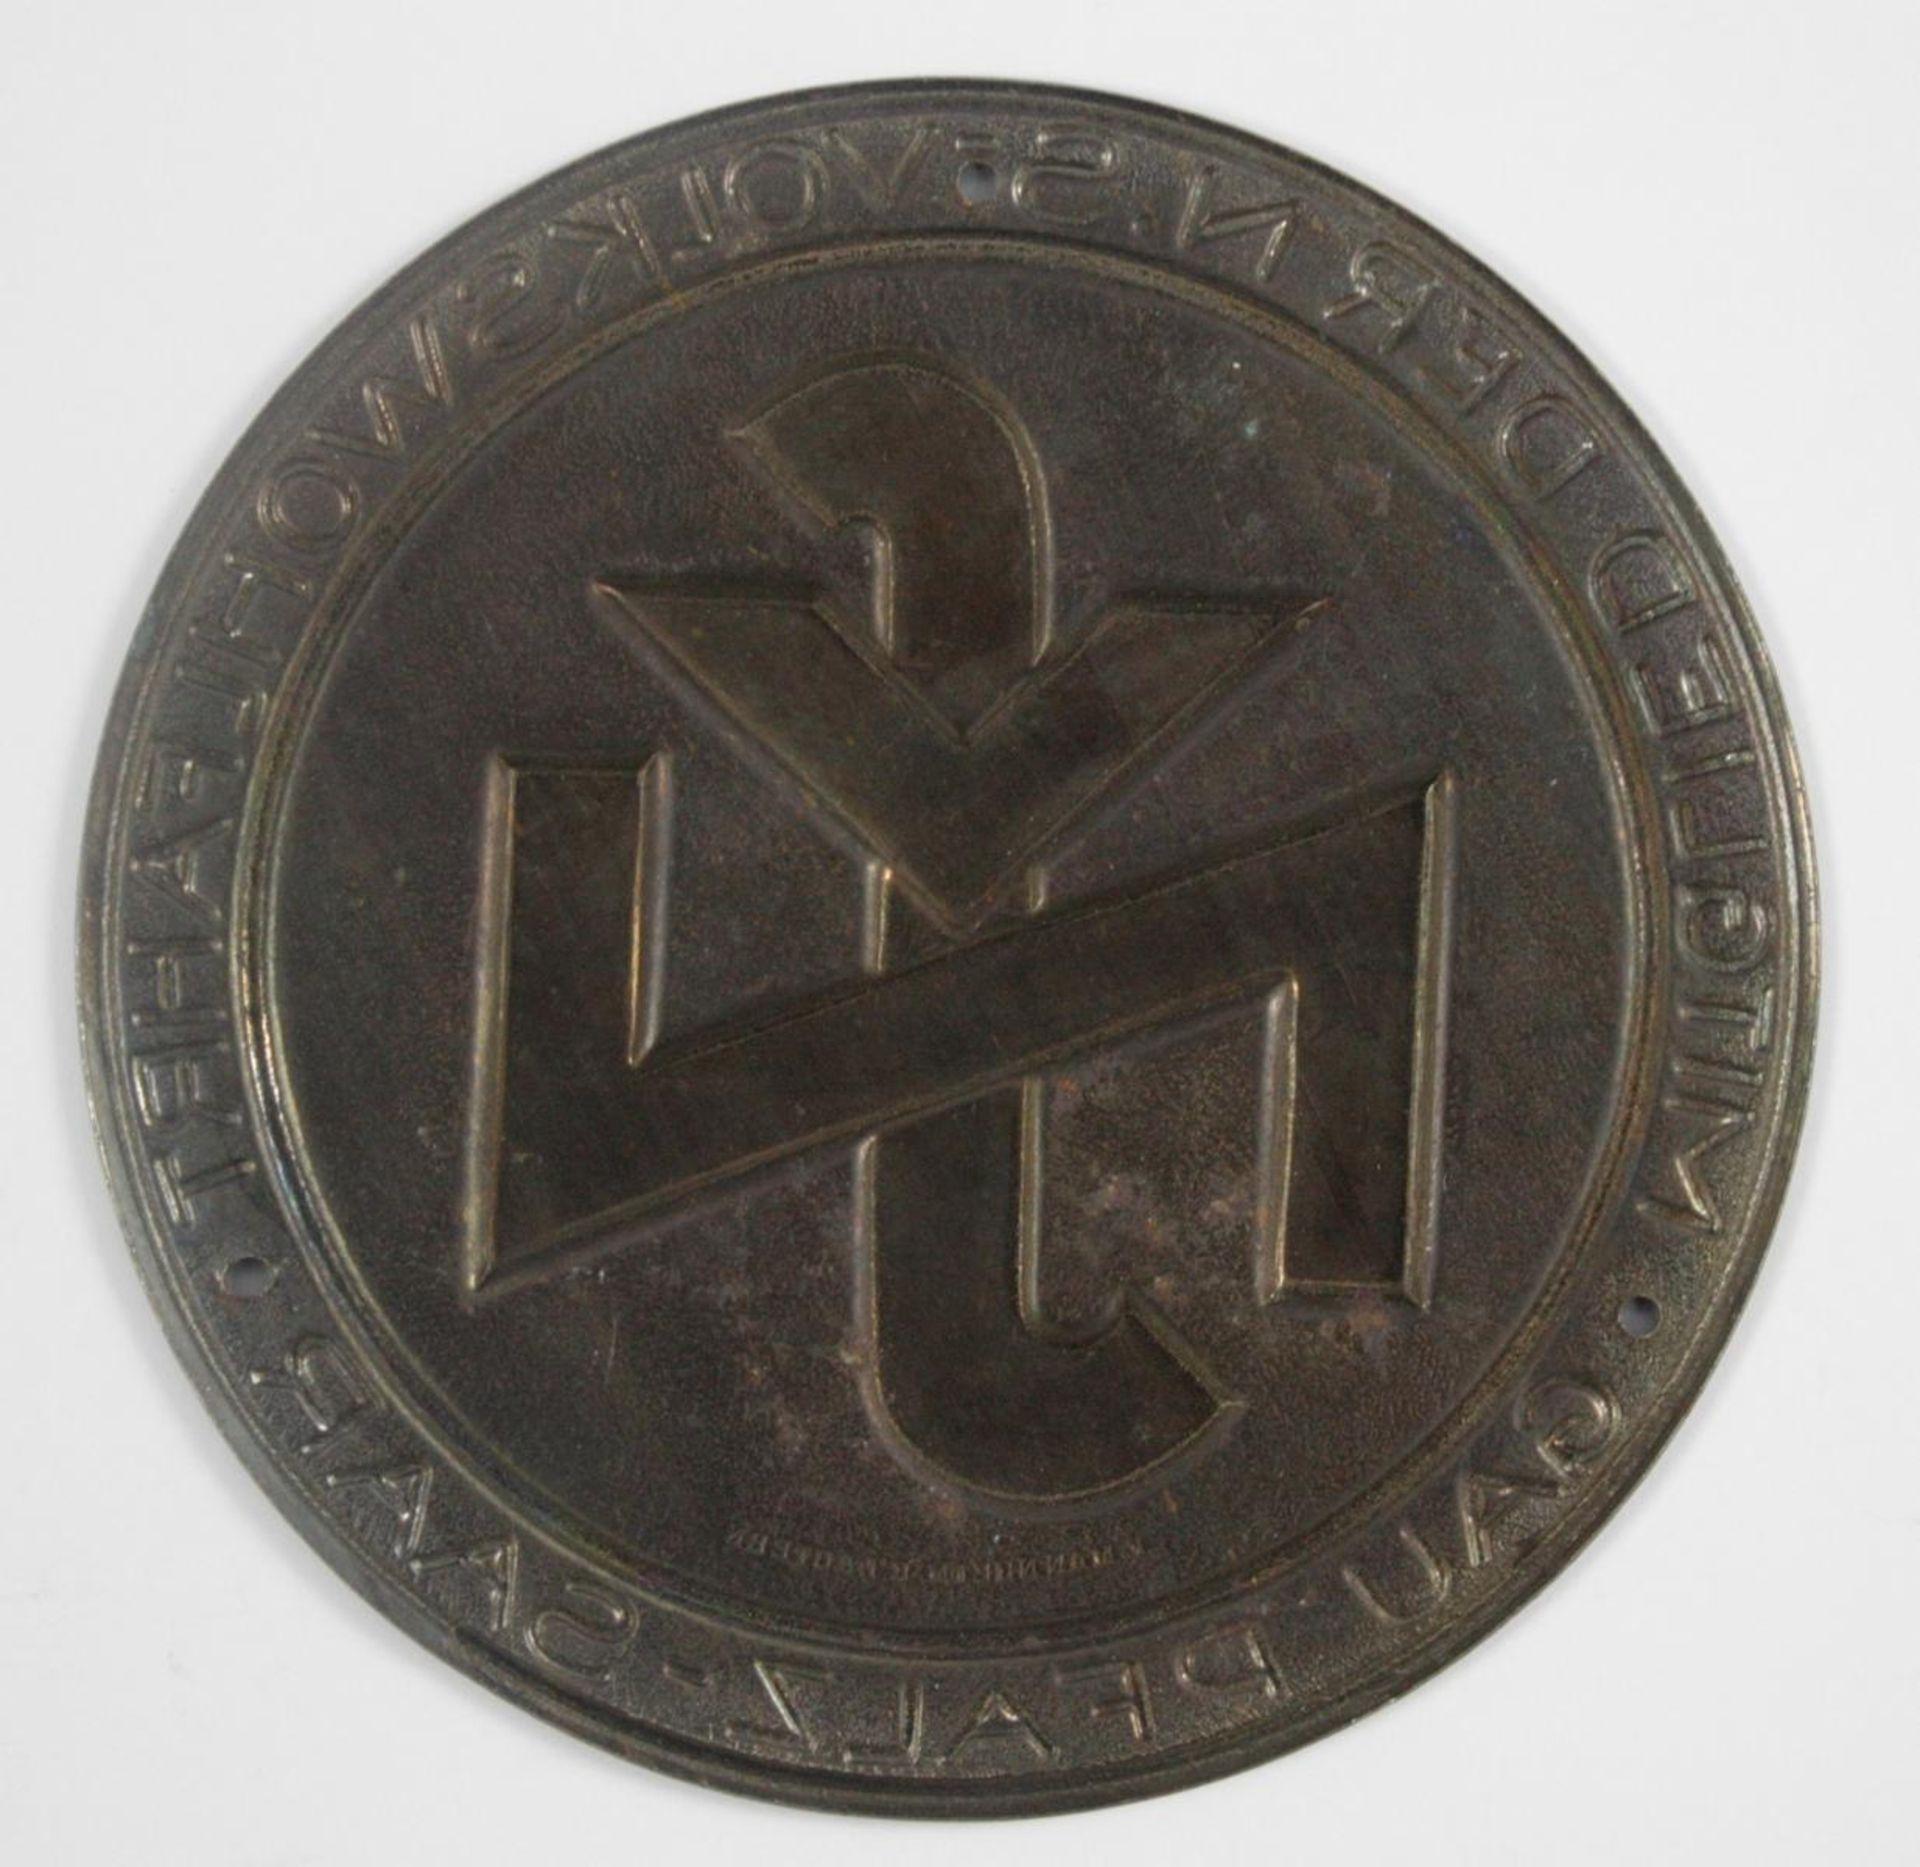 Kleine Türplakette NSV - Mitglied der NS Volkswohlfahrt Gau Pfalz-Saar - Bild 2 aus 2